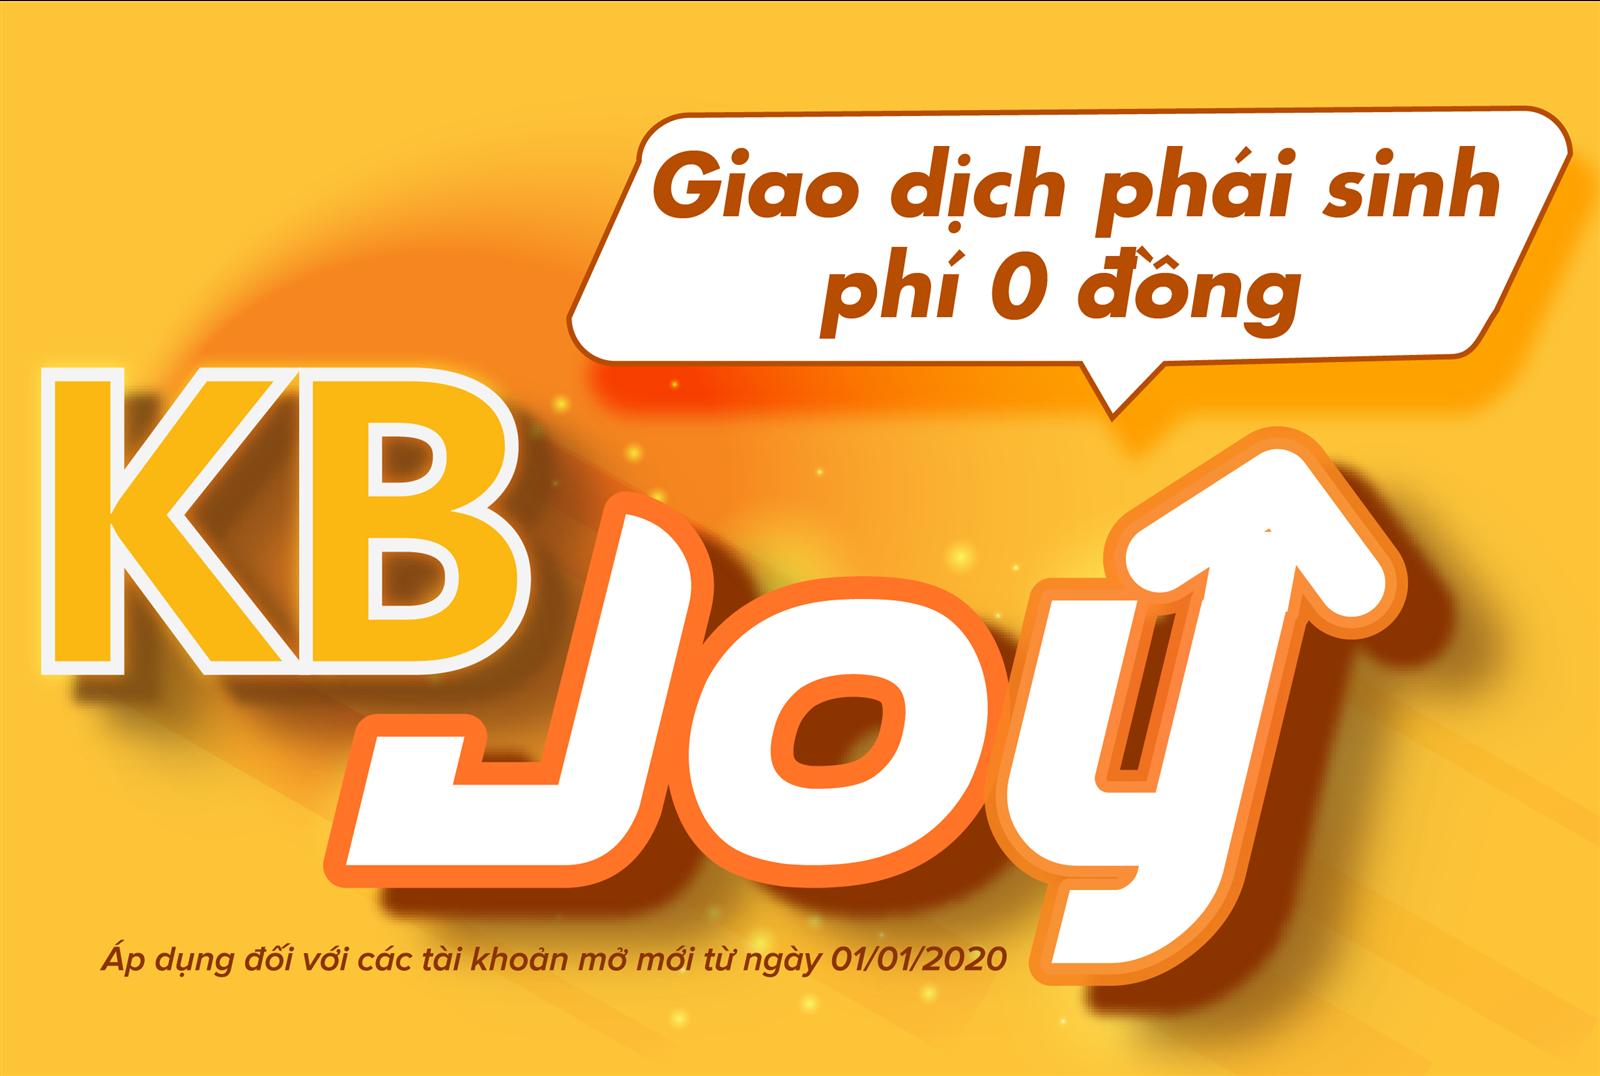 Sản phẩm phái sinh KB-Joy